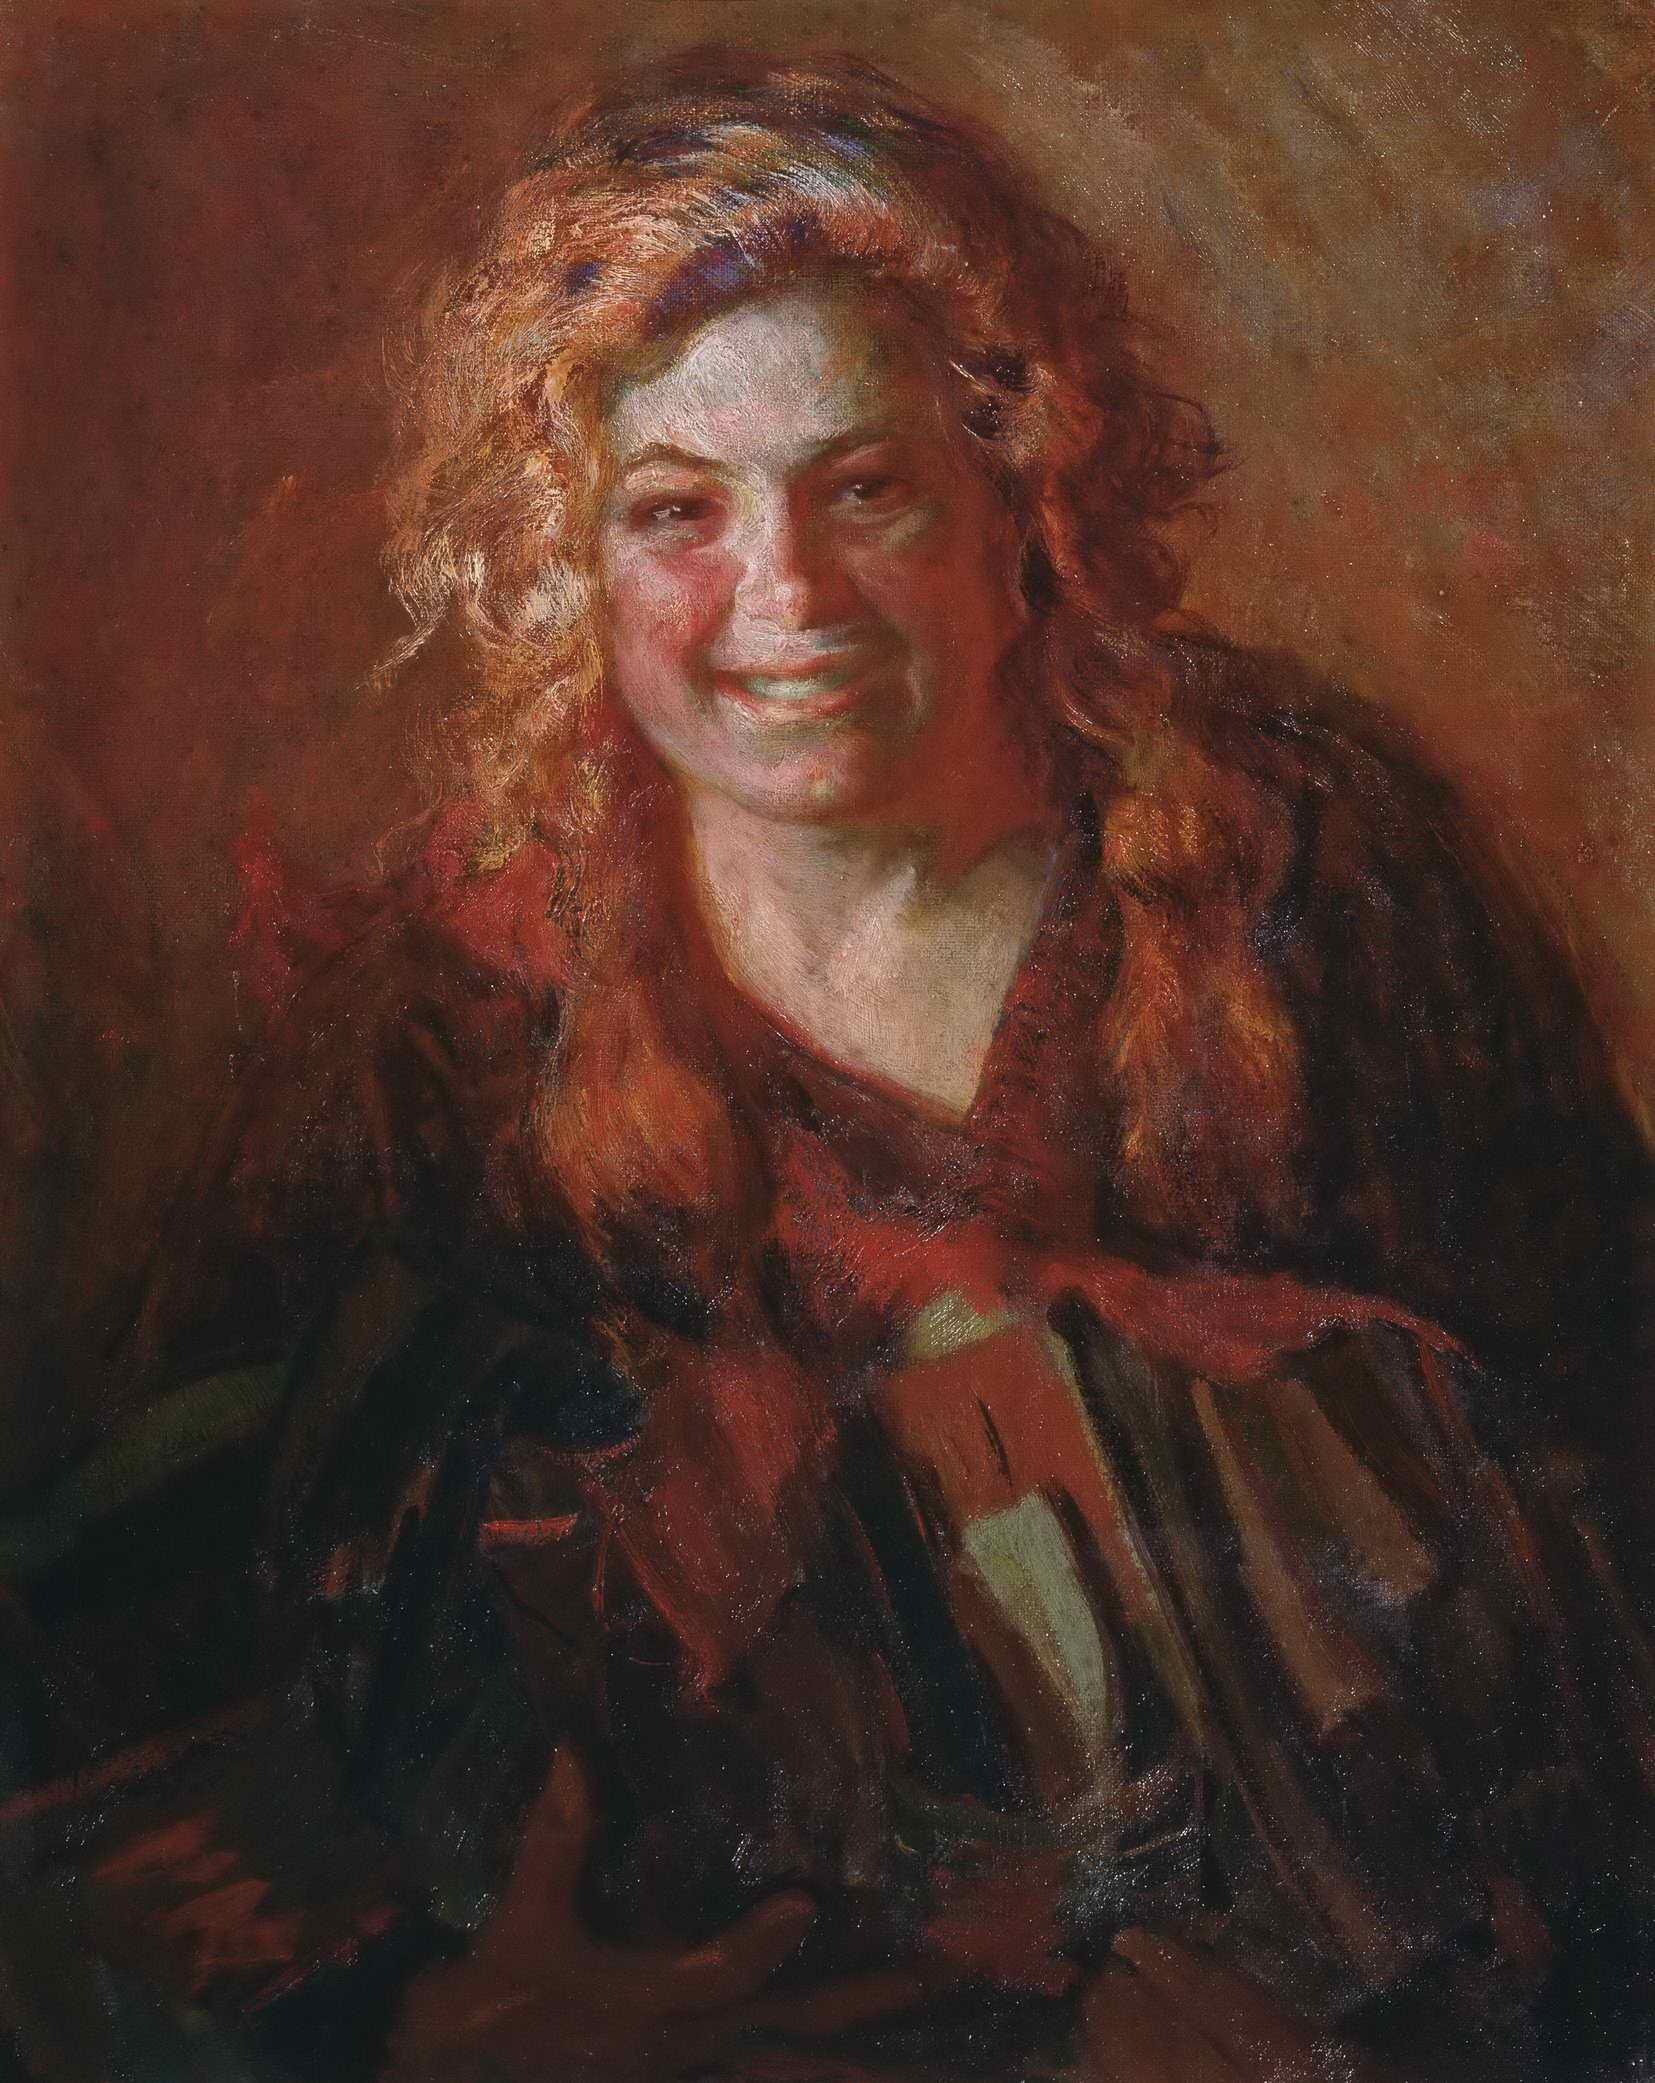 Касаткин Н.А. - Девушка с книгами